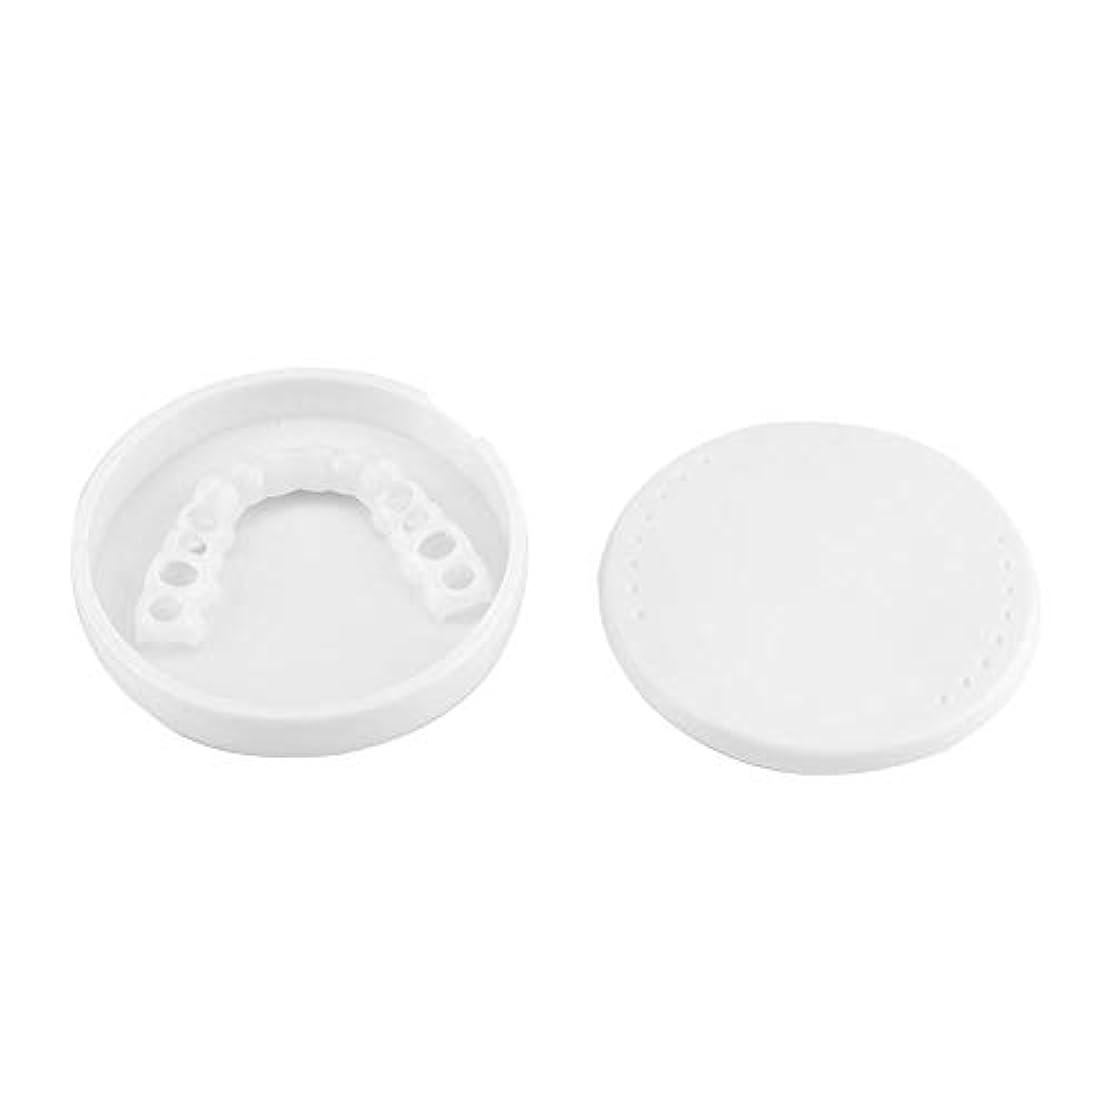 オーナメントぜいたくルーフSalinr インスタント 完璧なベニヤの歯スナップキャップを白く 一時的な化粧品歯義 歯化粧品シミュレーション 白くする歯カバー フィットフレックス歯ベニア上の歯+下歯のセット